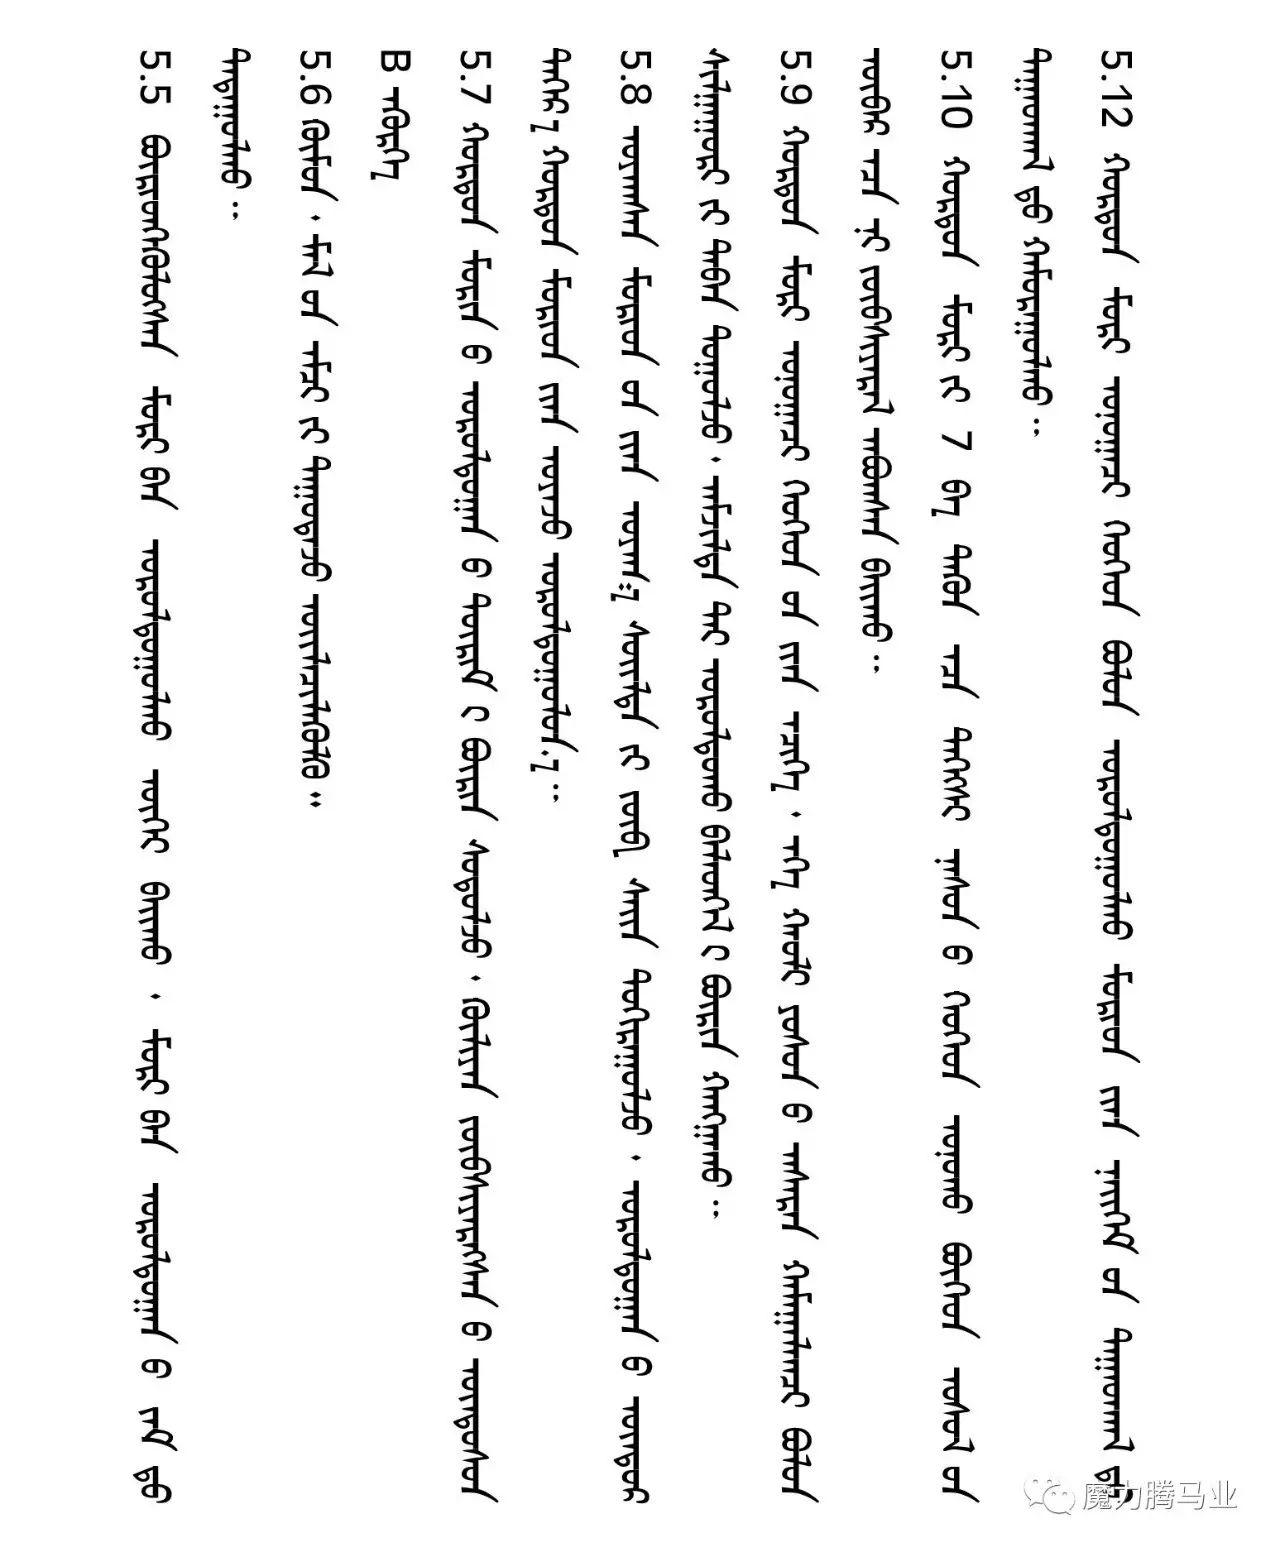 蒙古国赛马章程介绍 第33张 蒙古国赛马章程介绍 蒙古文库